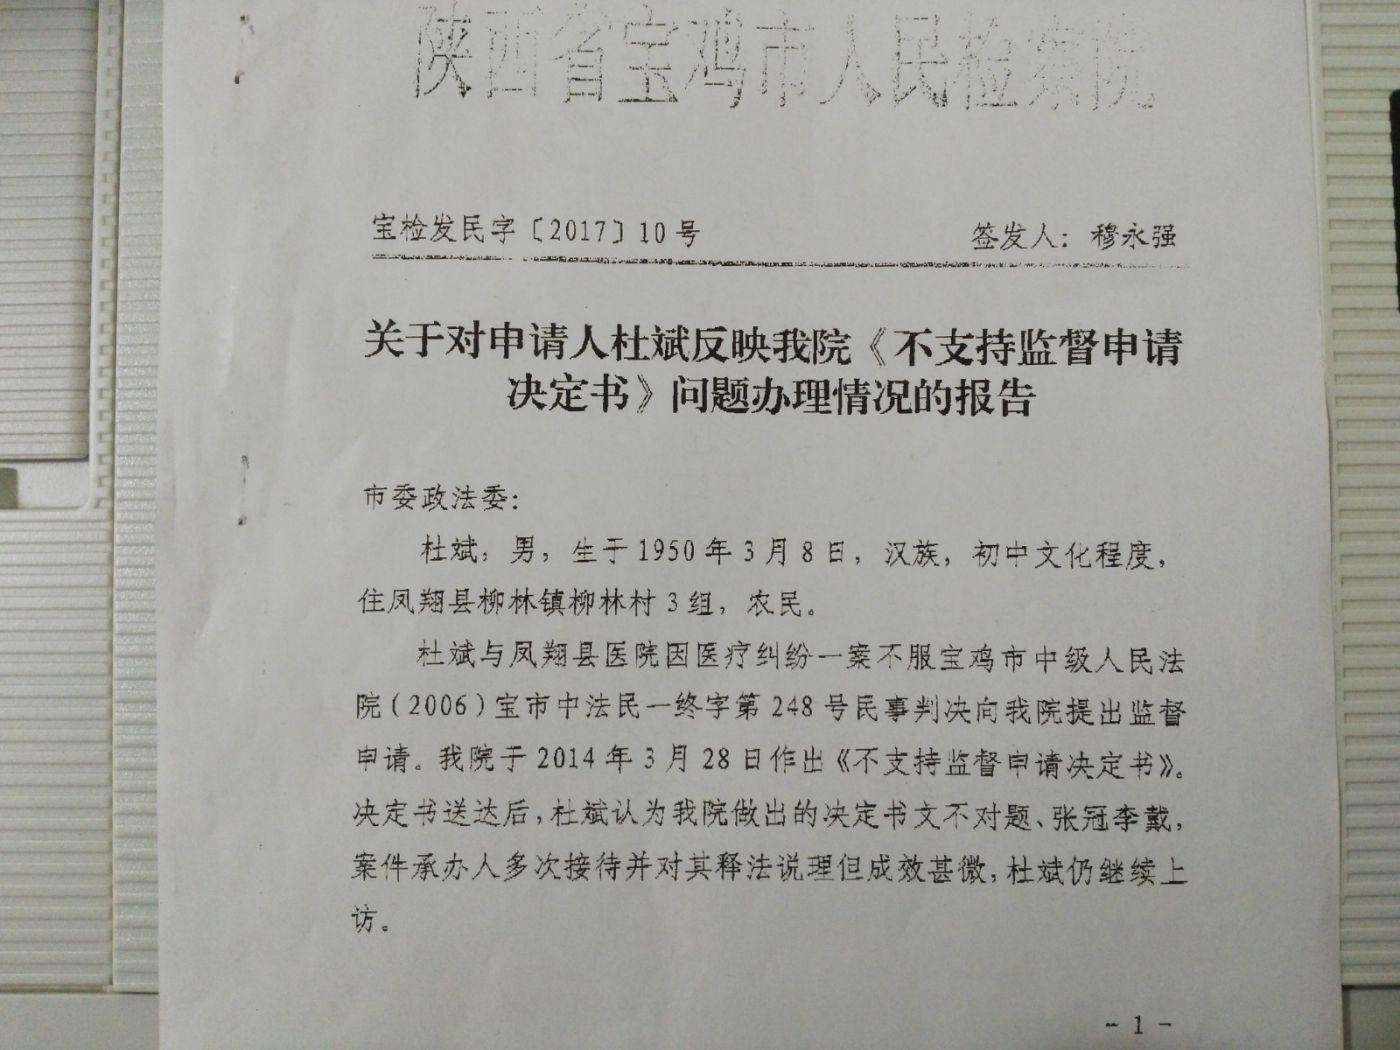 """""""全国文明单位""""陕西省宝鸡市人民检察院拒绝受理背着牛头不认脏的申诉 ..._图1-7"""